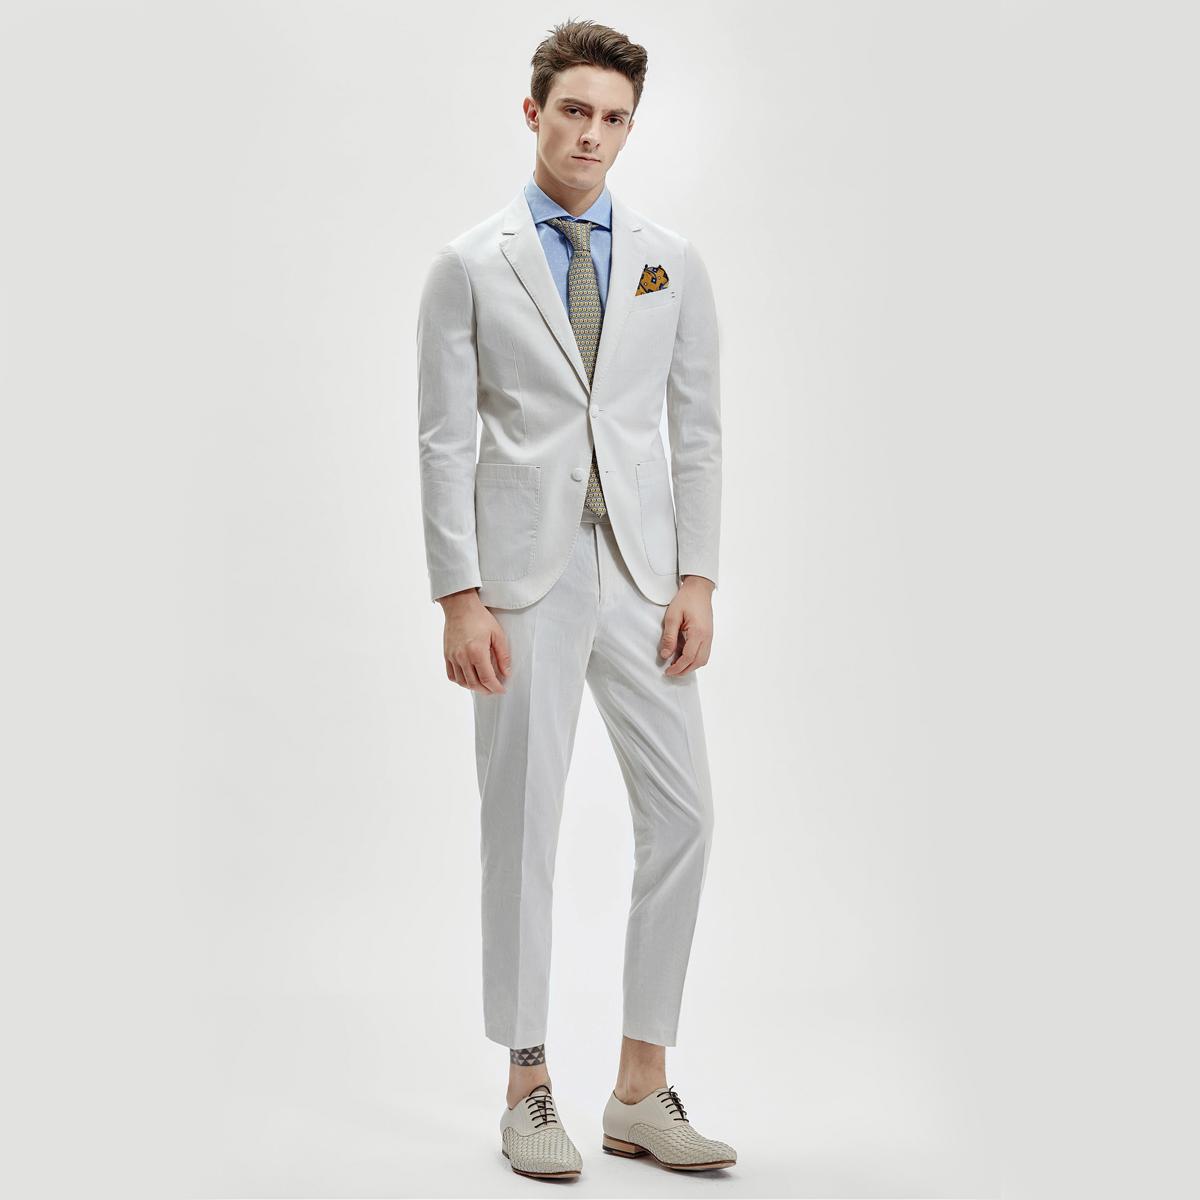 薄款纯棉修身男士西服套装 高端精品商务男装职业套装高端工作服